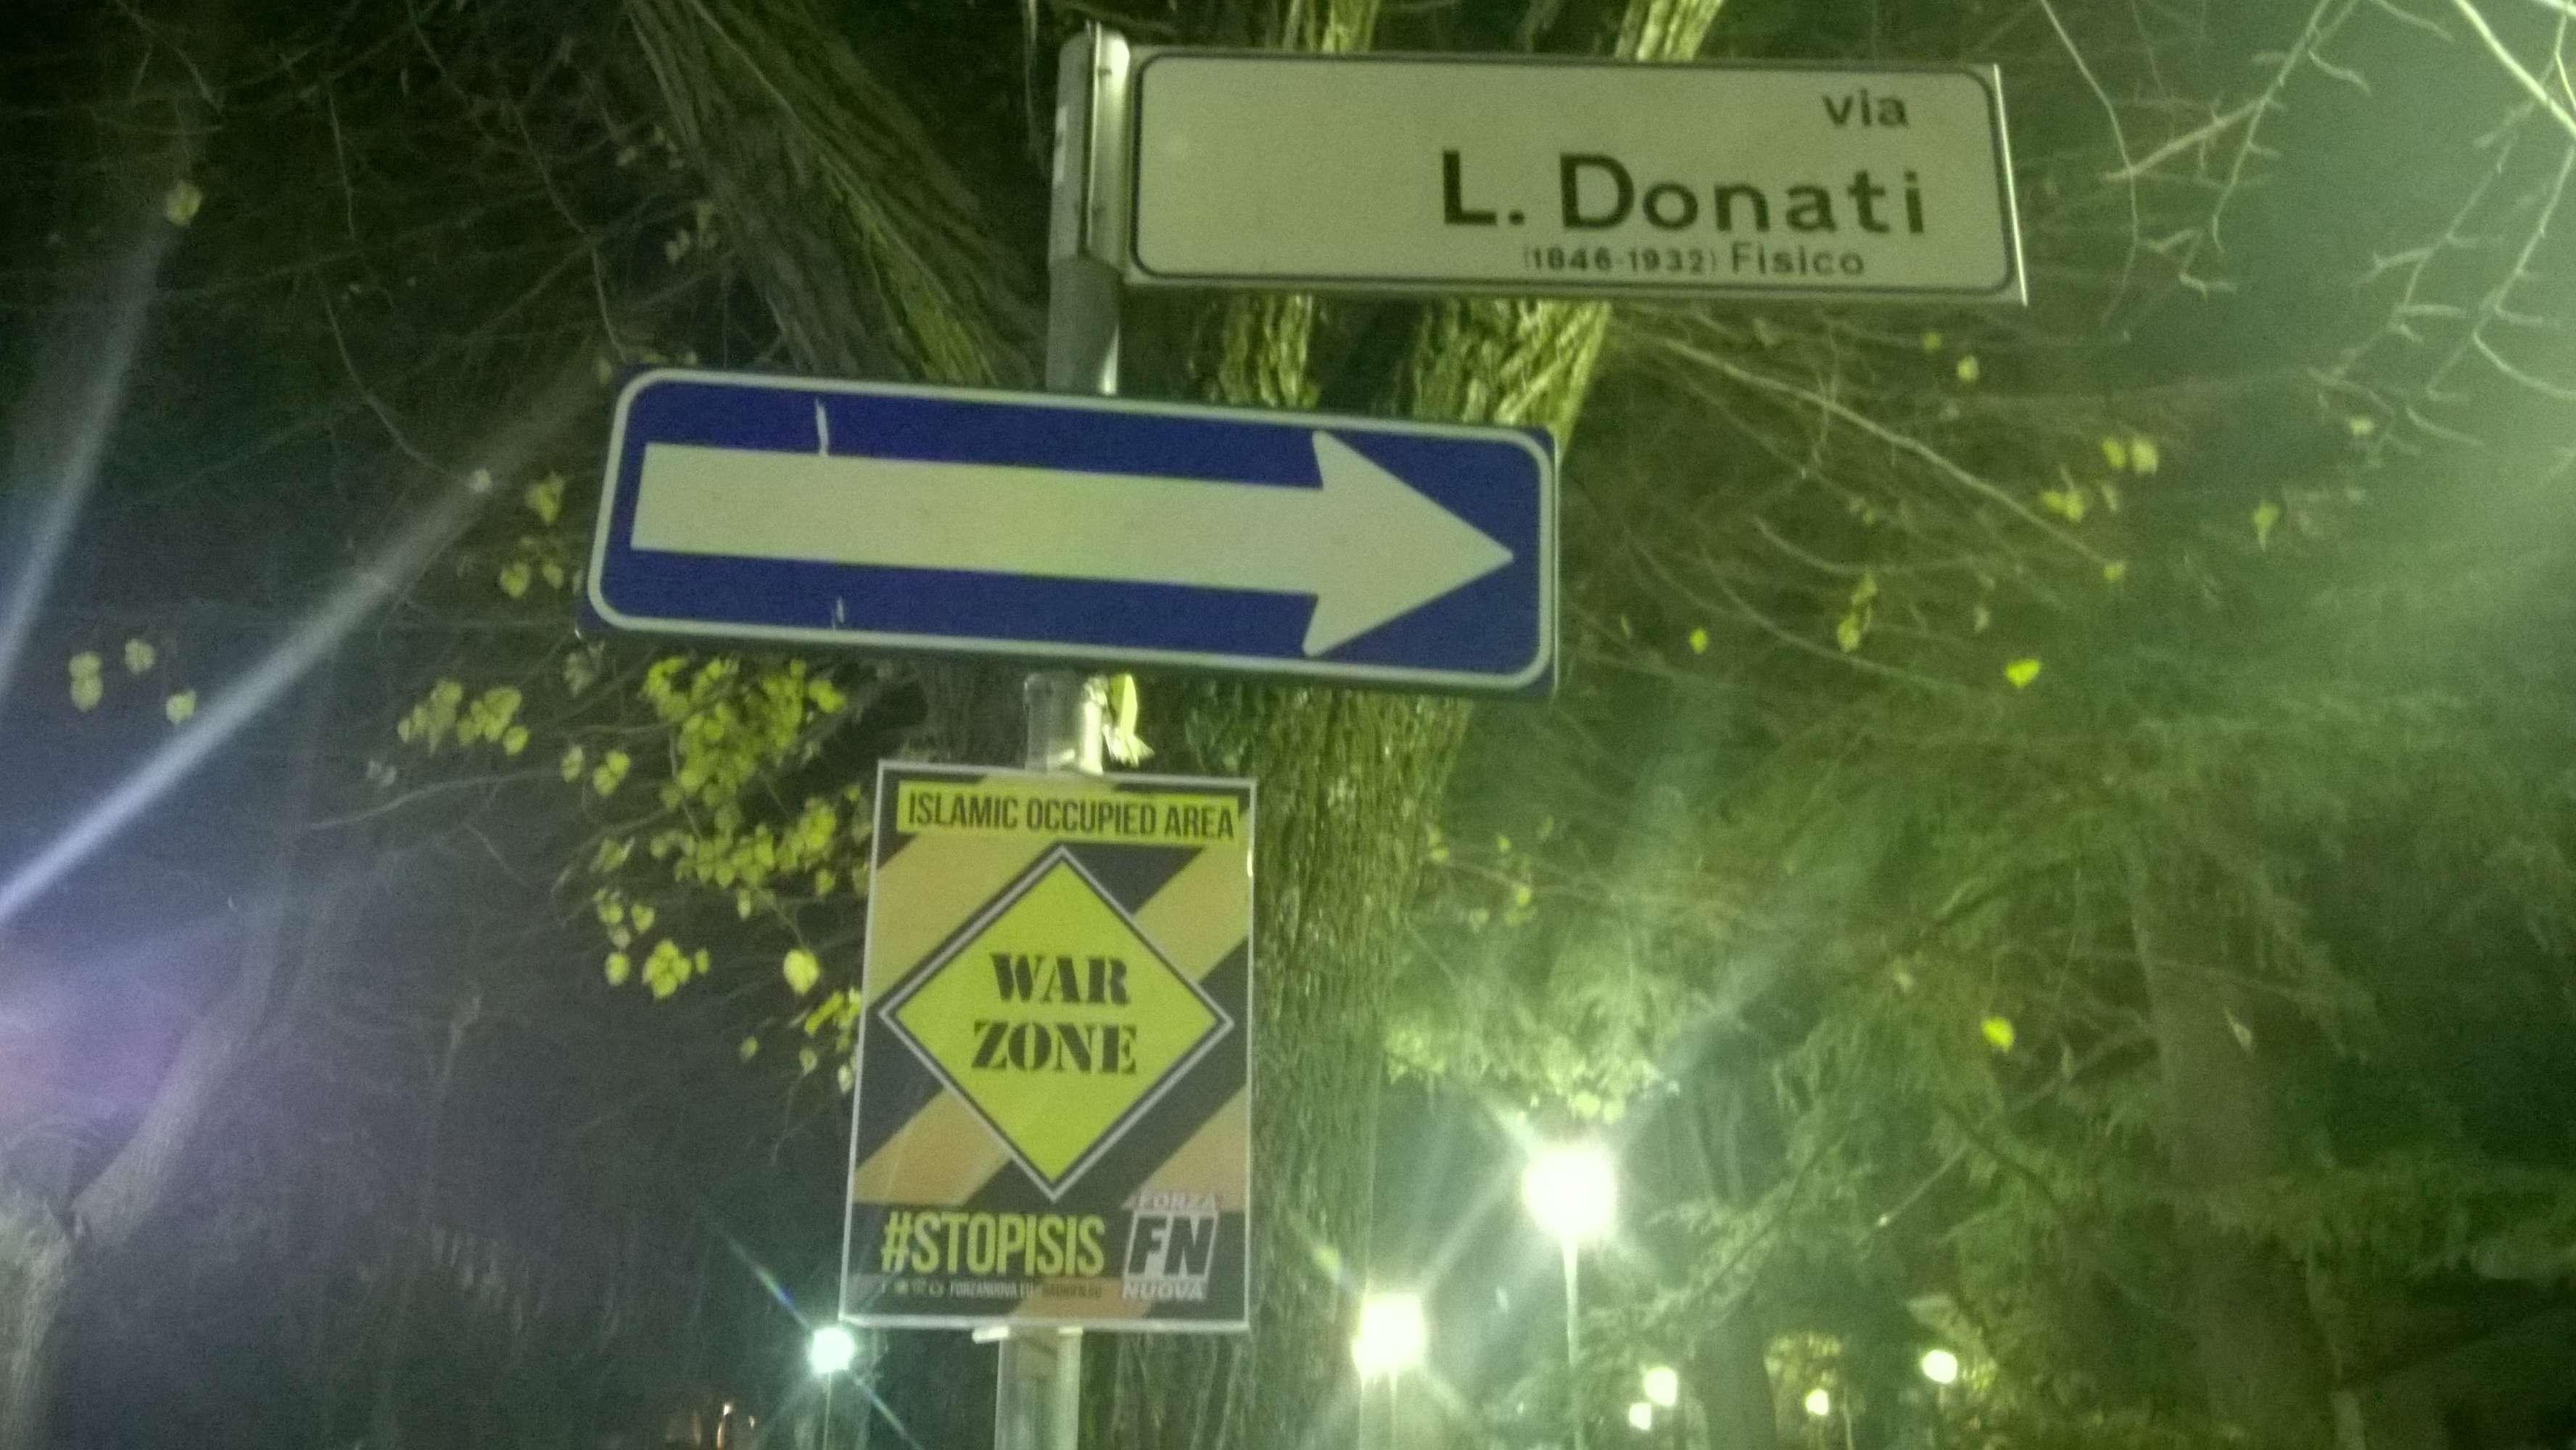 Via Donati Fossombrone